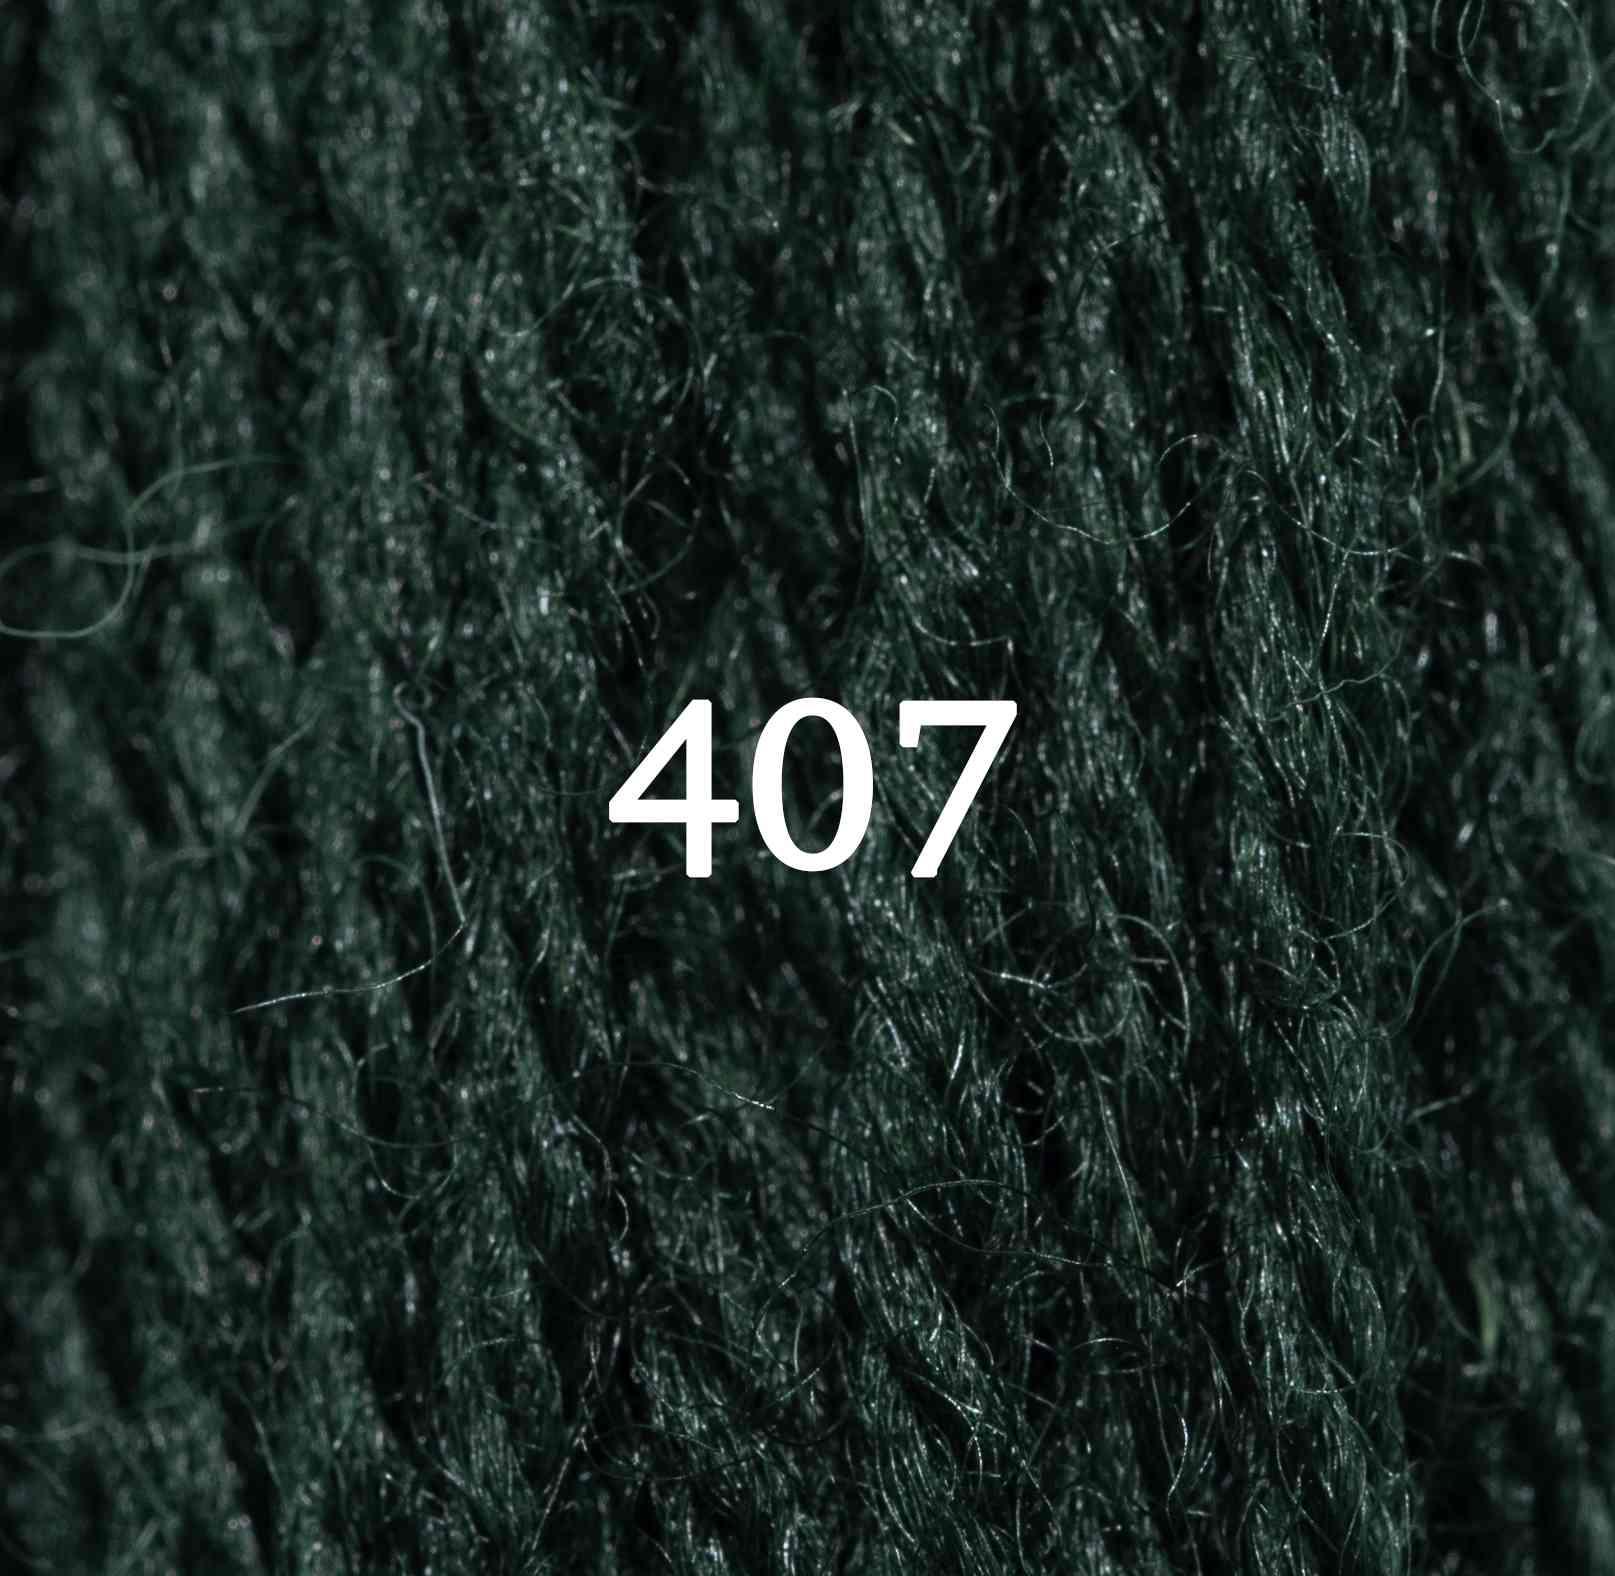 Sea-Green-407